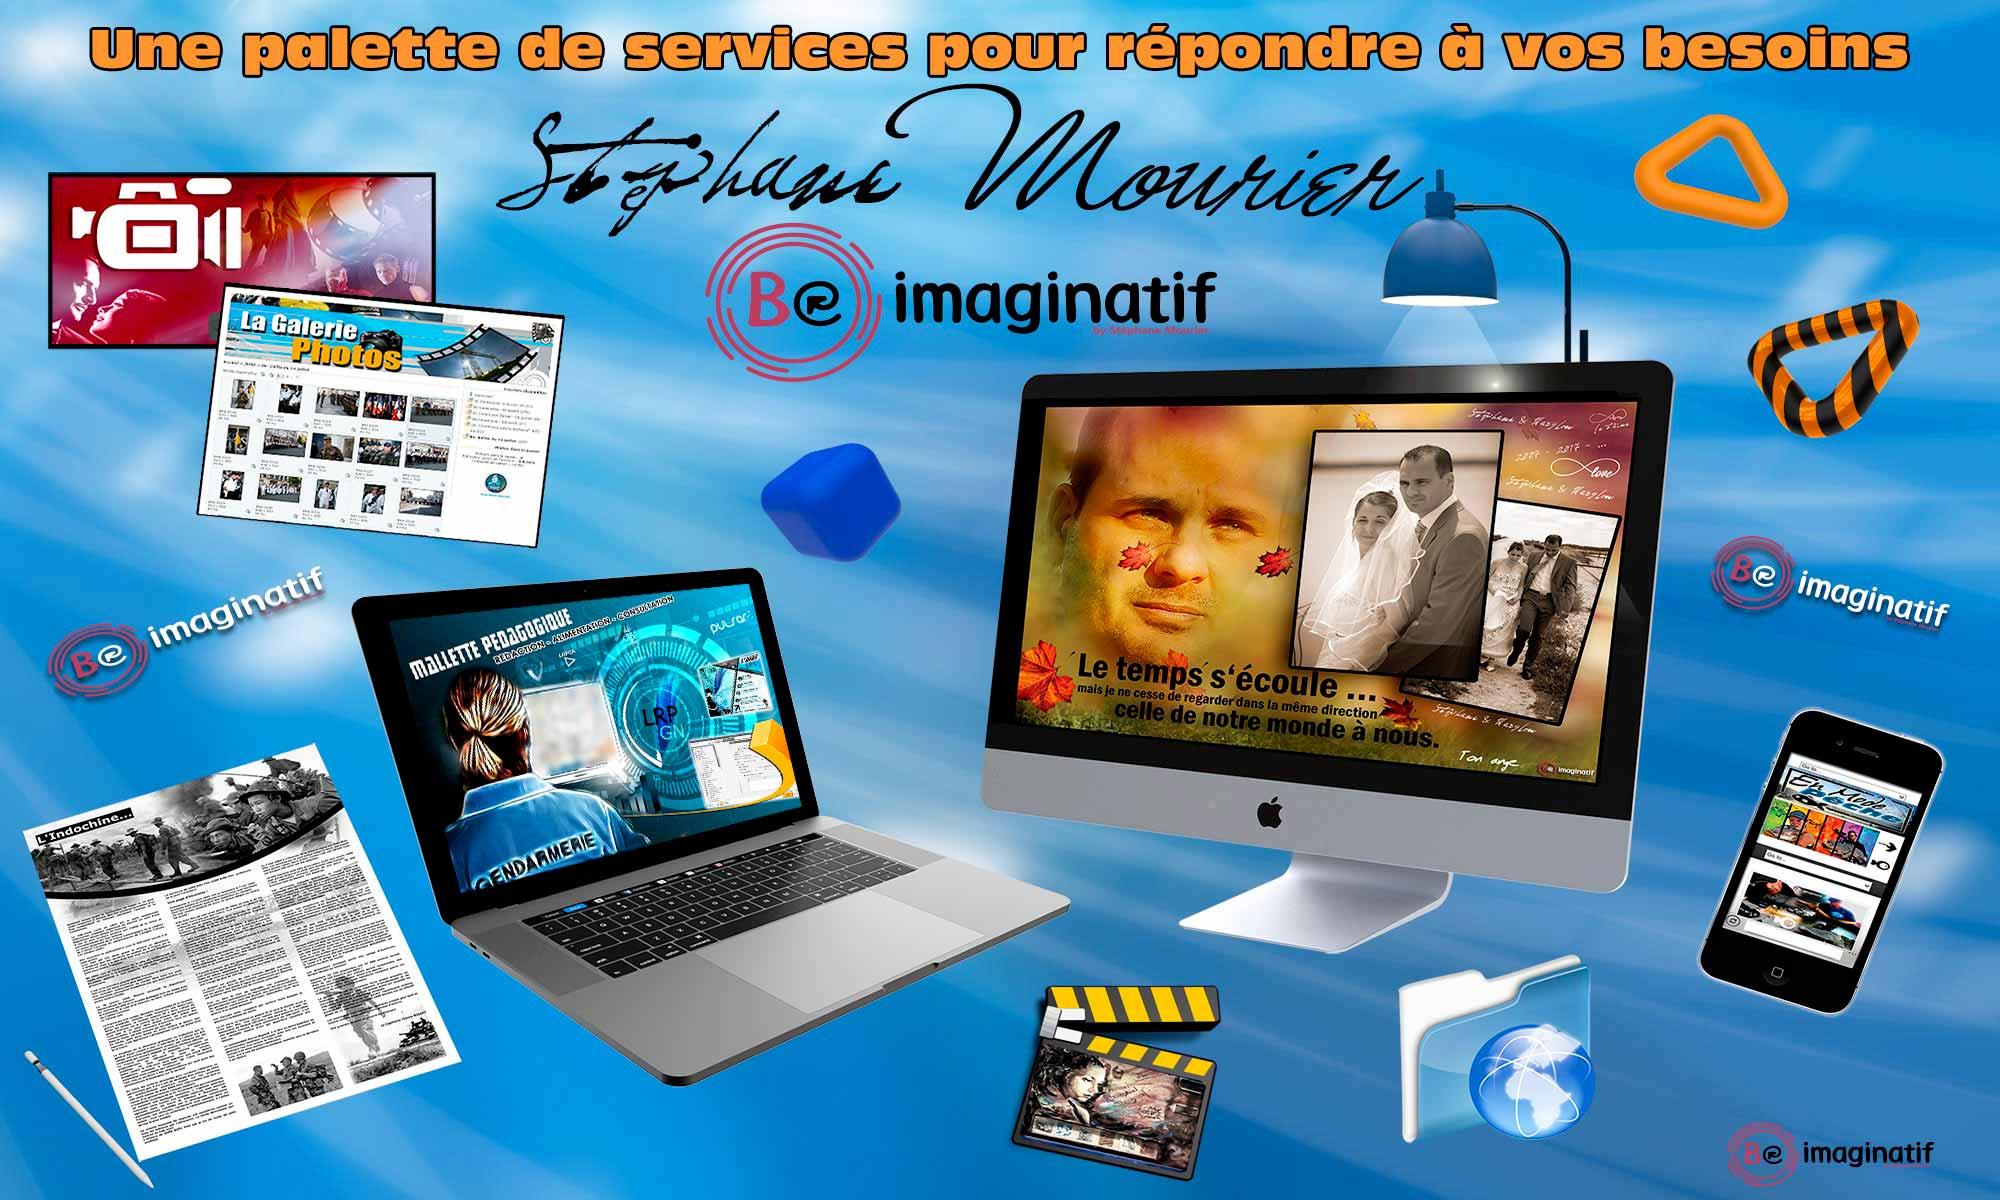 Les Services proposés par Be Imaginatif